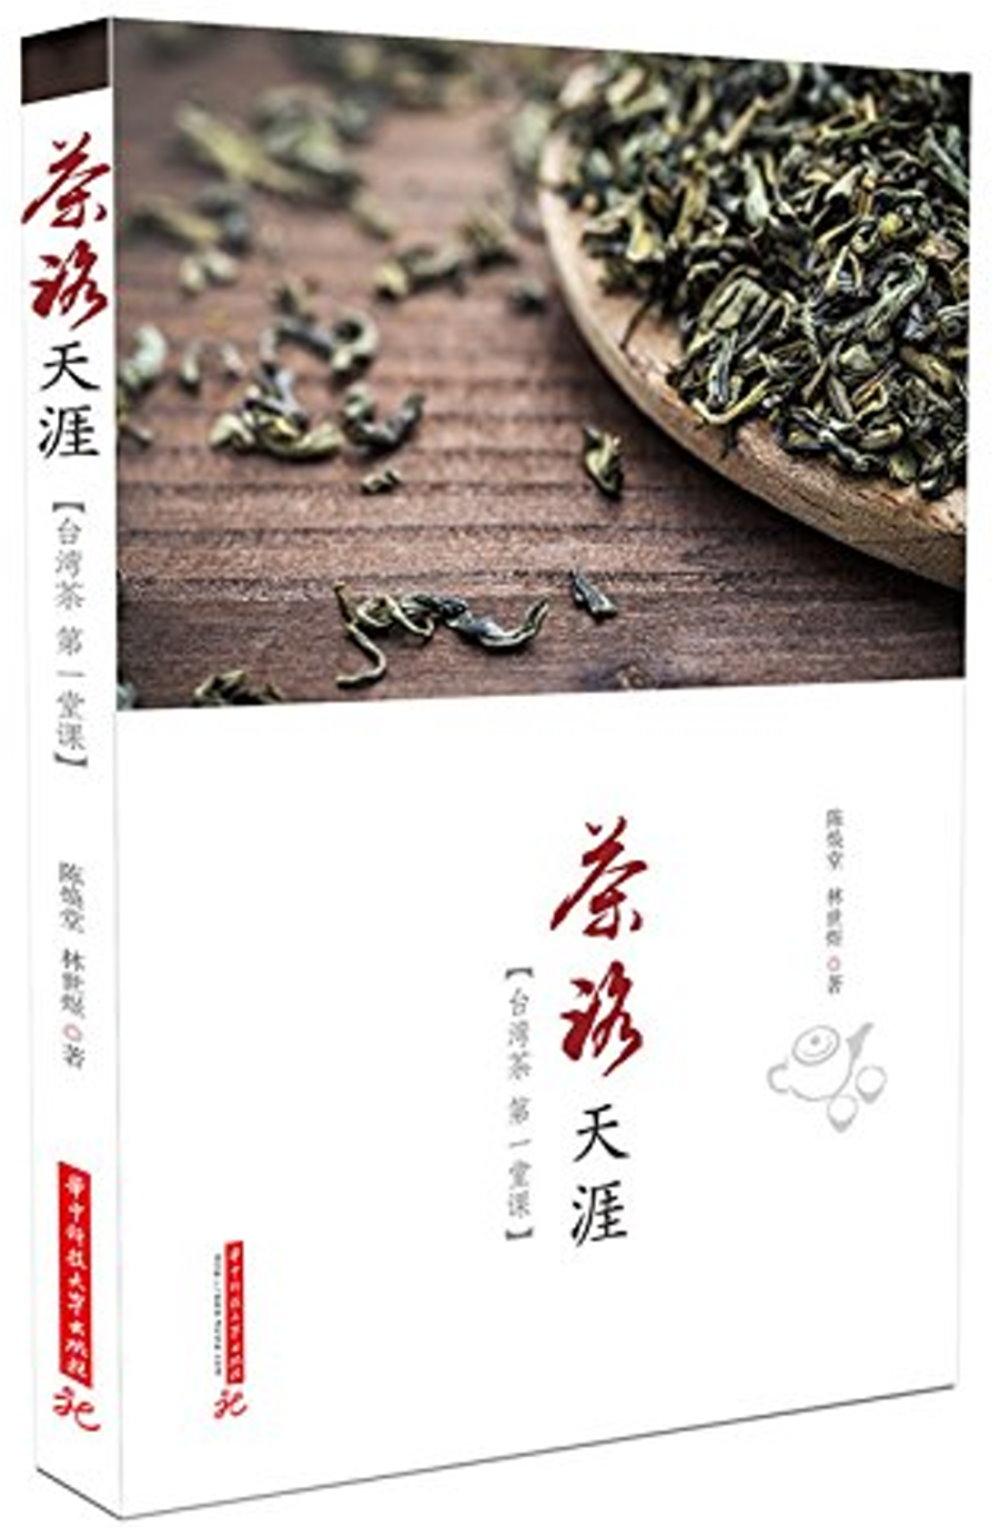 茶路天涯:台灣茶第一堂課